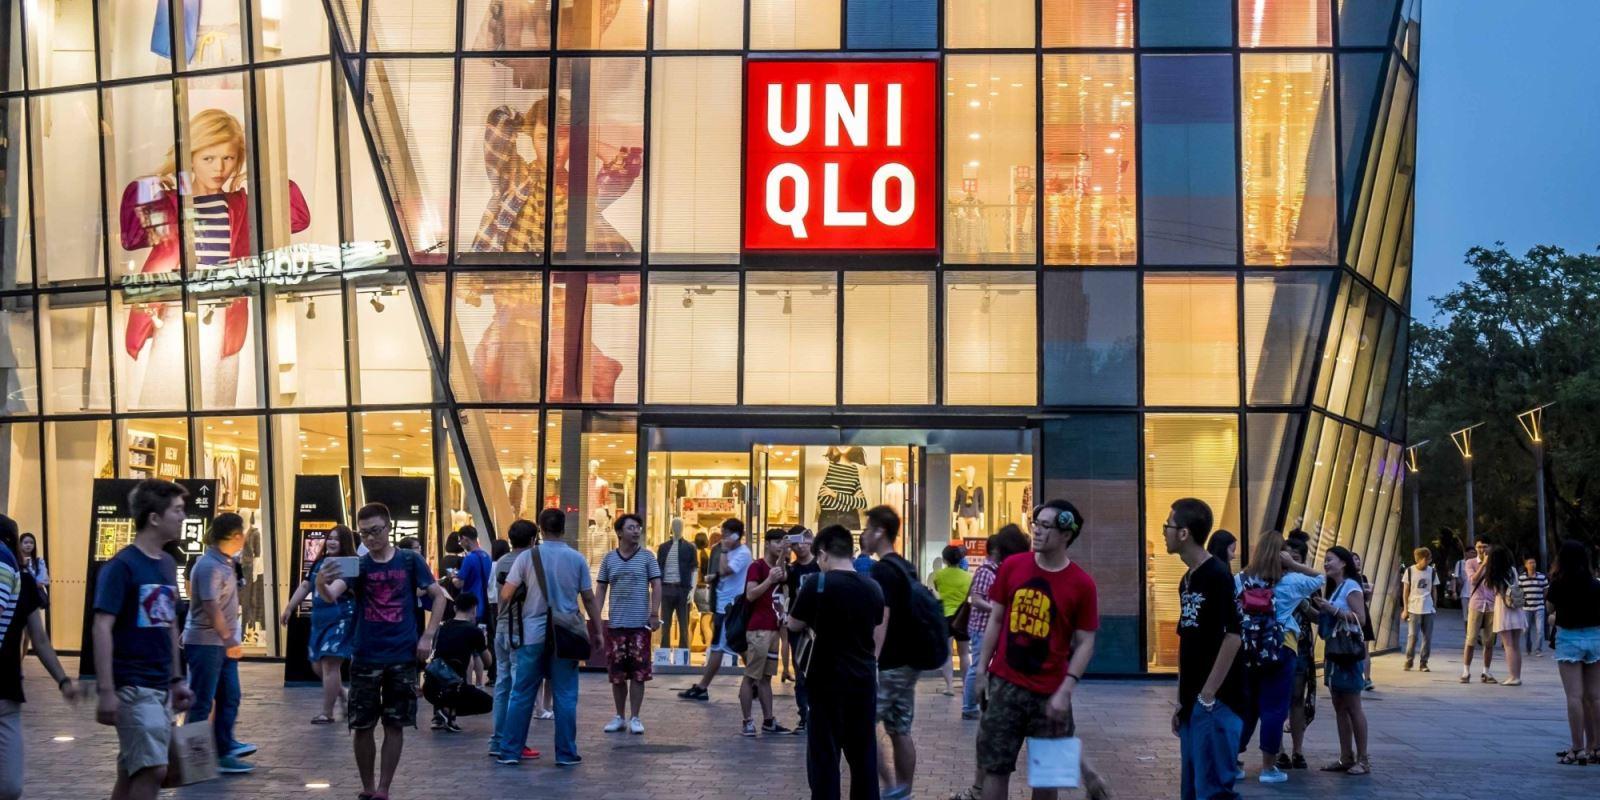 Tóp 10 những thương hiệu thời trang quốc tế nỗi tiếng nhất tại Việt Nam